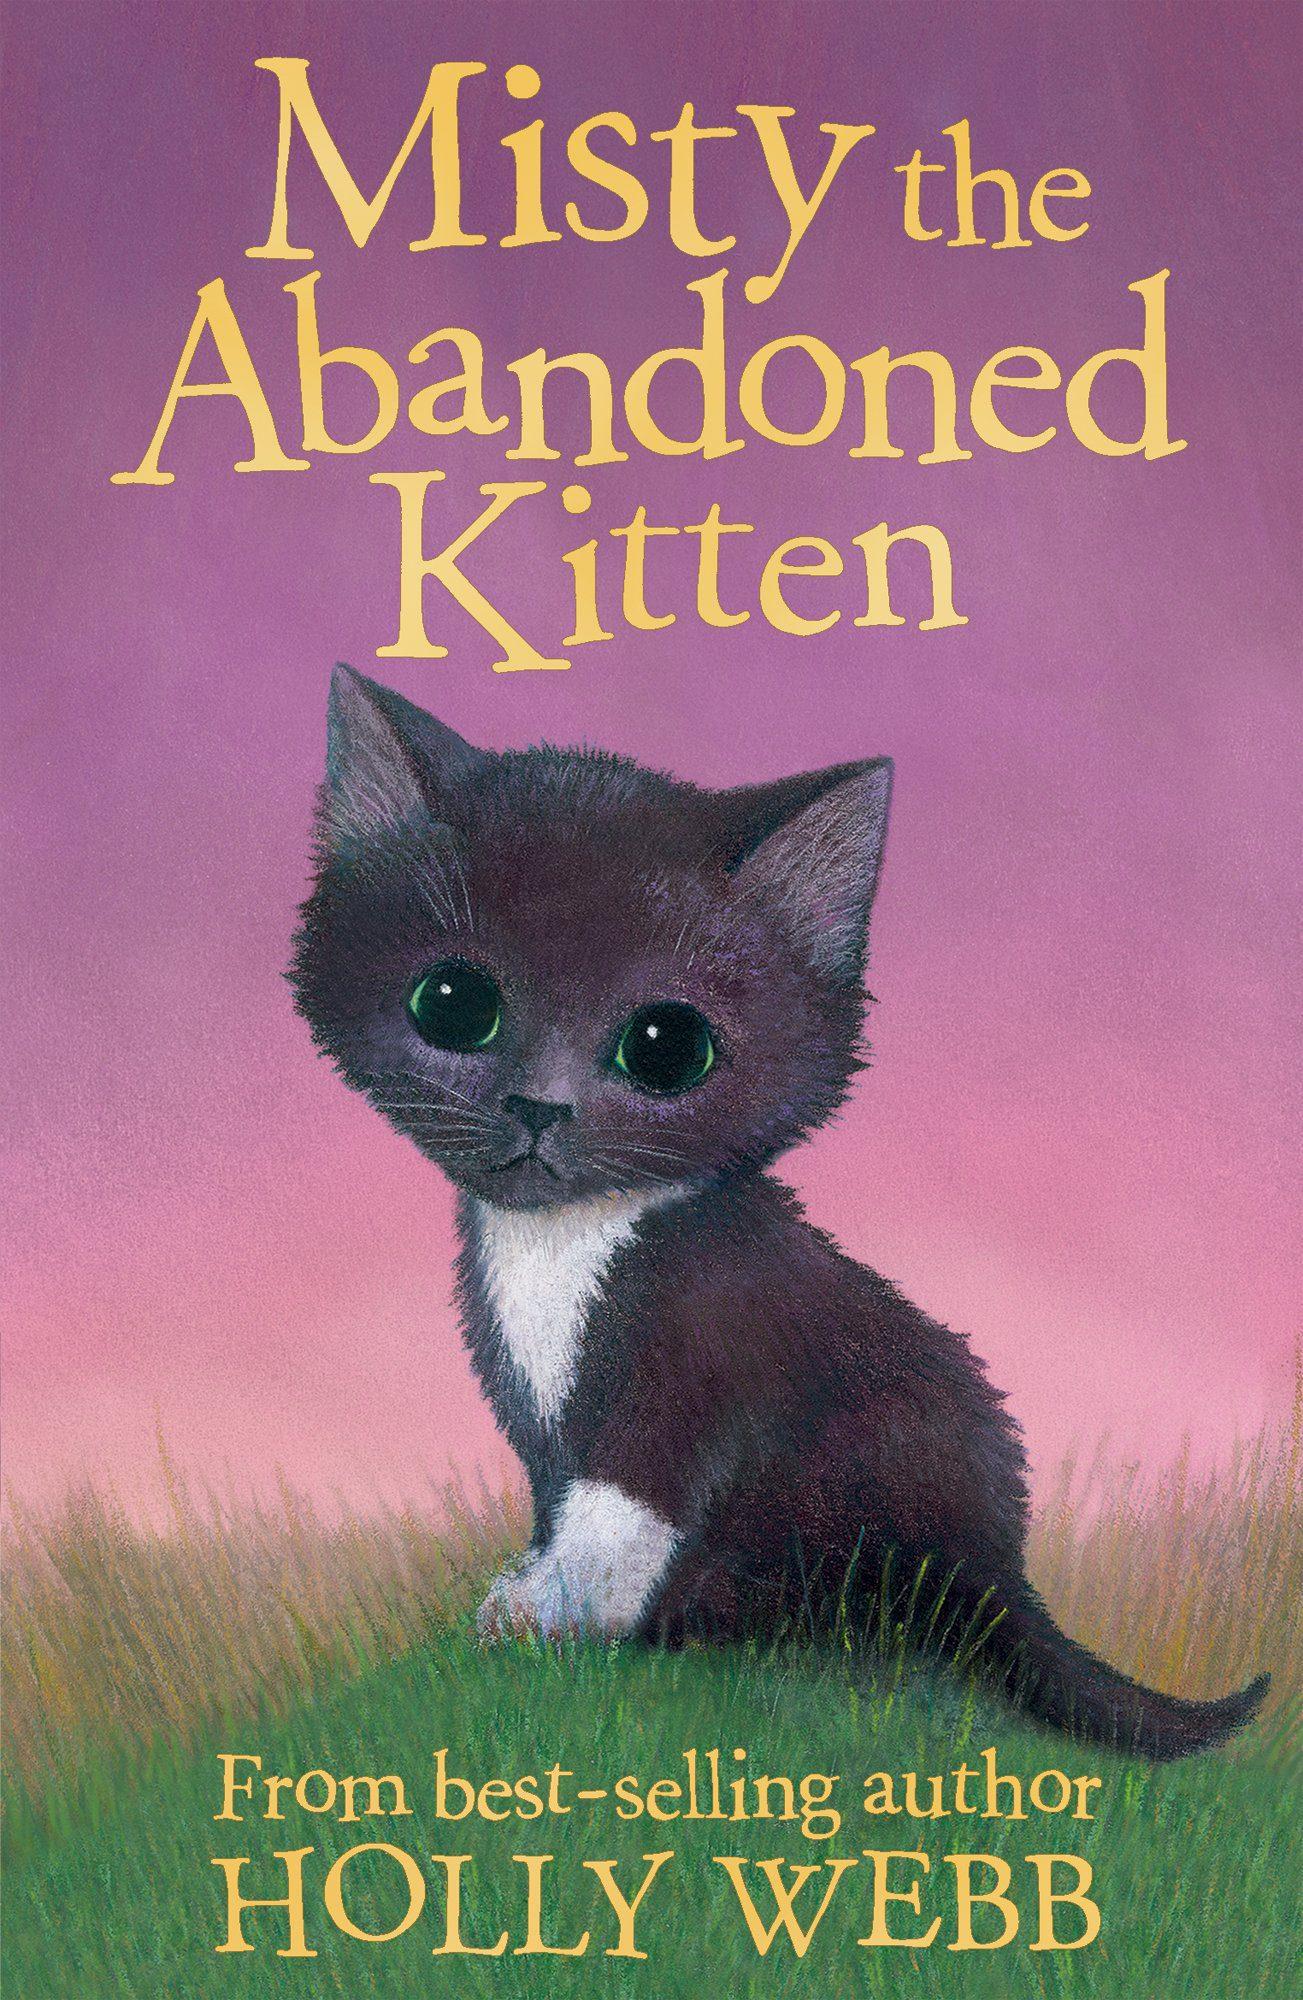 Misty the Abandoned Kitten